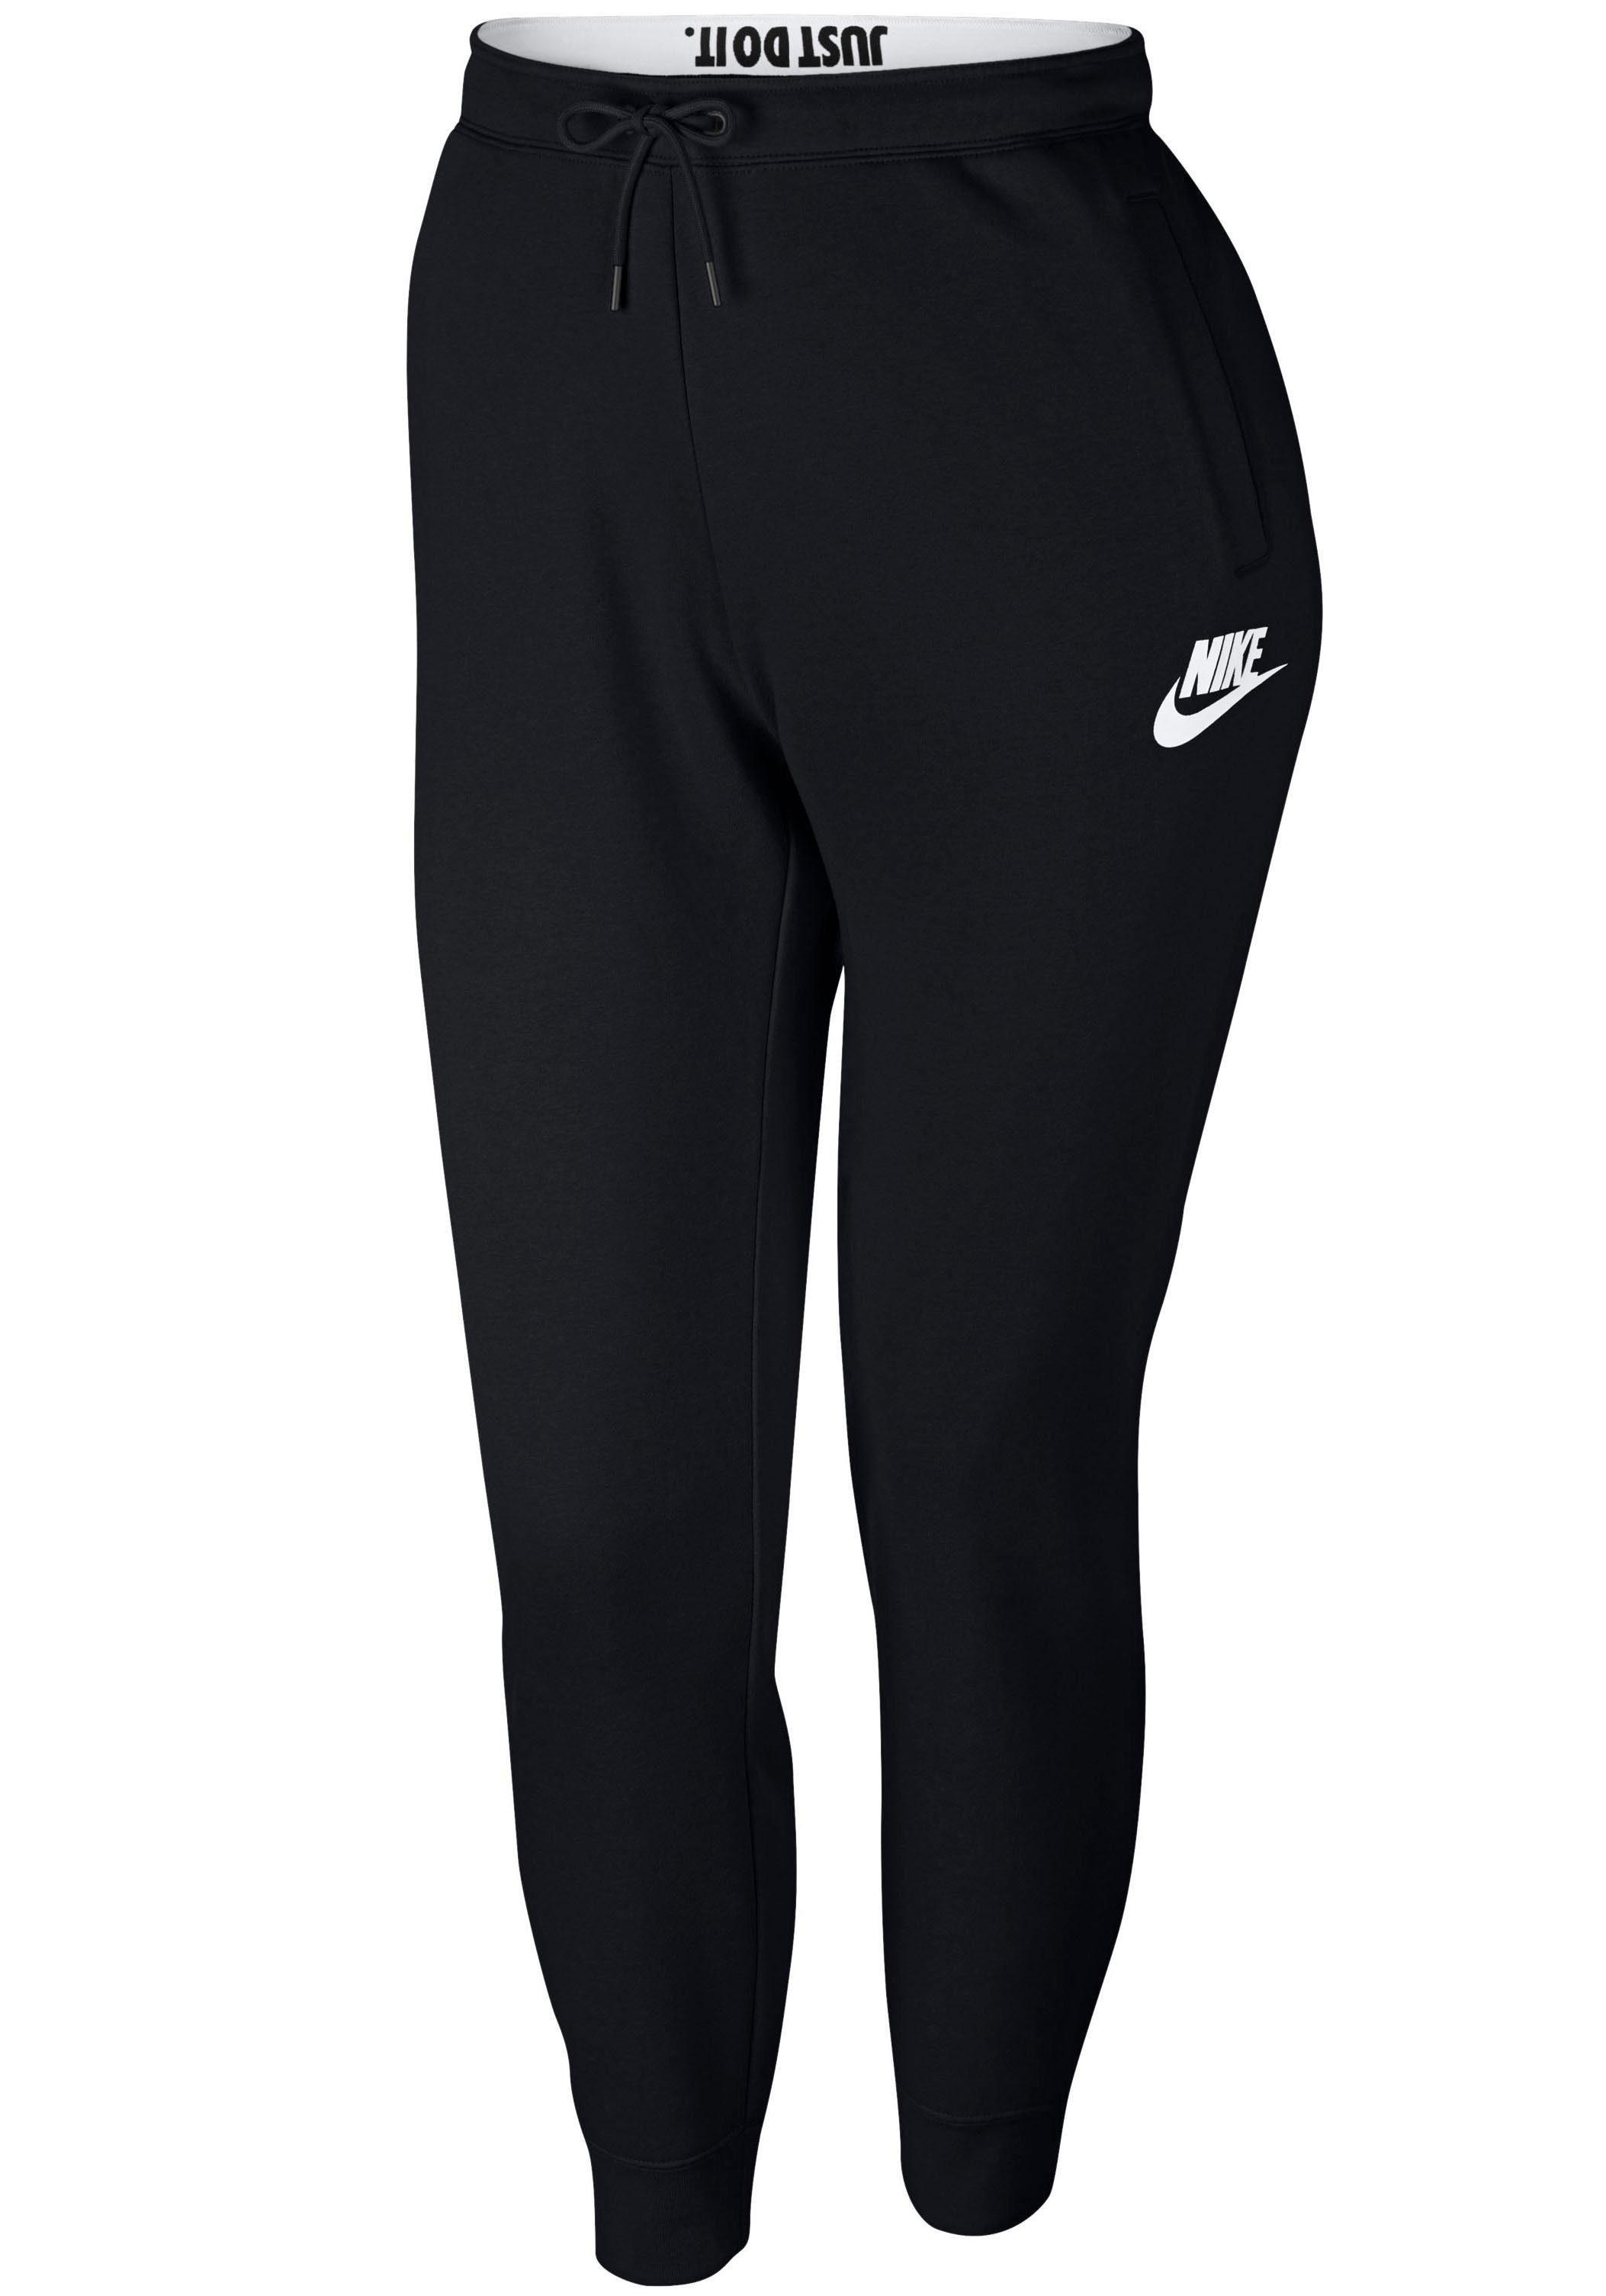 Nike Sportswear Jogginghose »W NSW RALLY PANT REG EXT« Große Größen (XL XXXL) online kaufen | OTTO